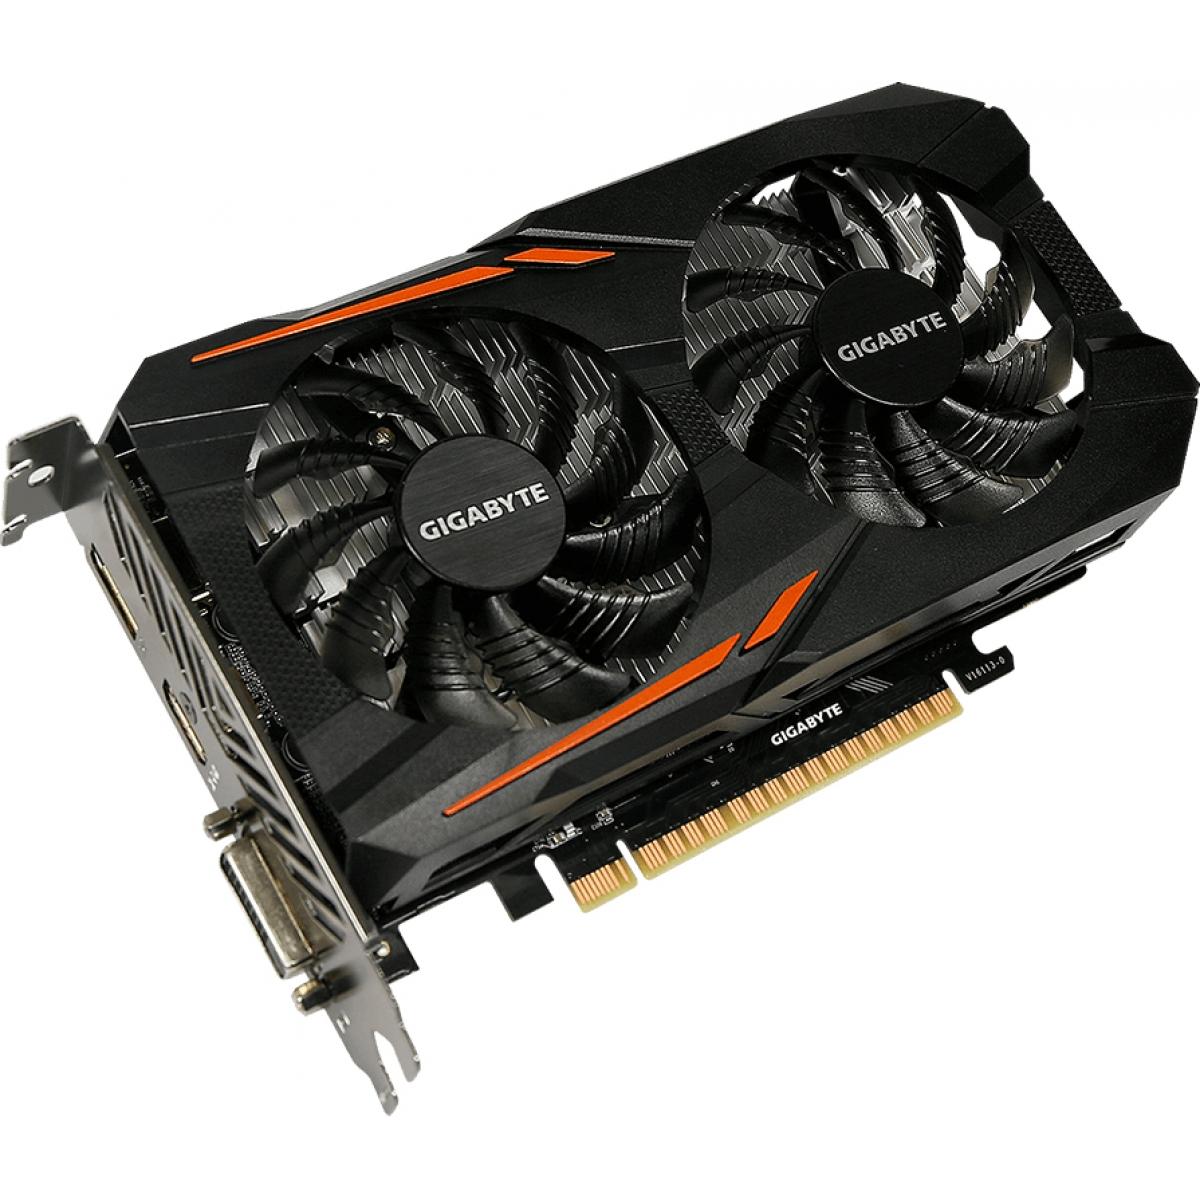 Placa de Vídeo Gigabyte GeForce GTX 1050 OC Dual, 3GB GDDR5, 96Bit, GV-N1050OC-3GD